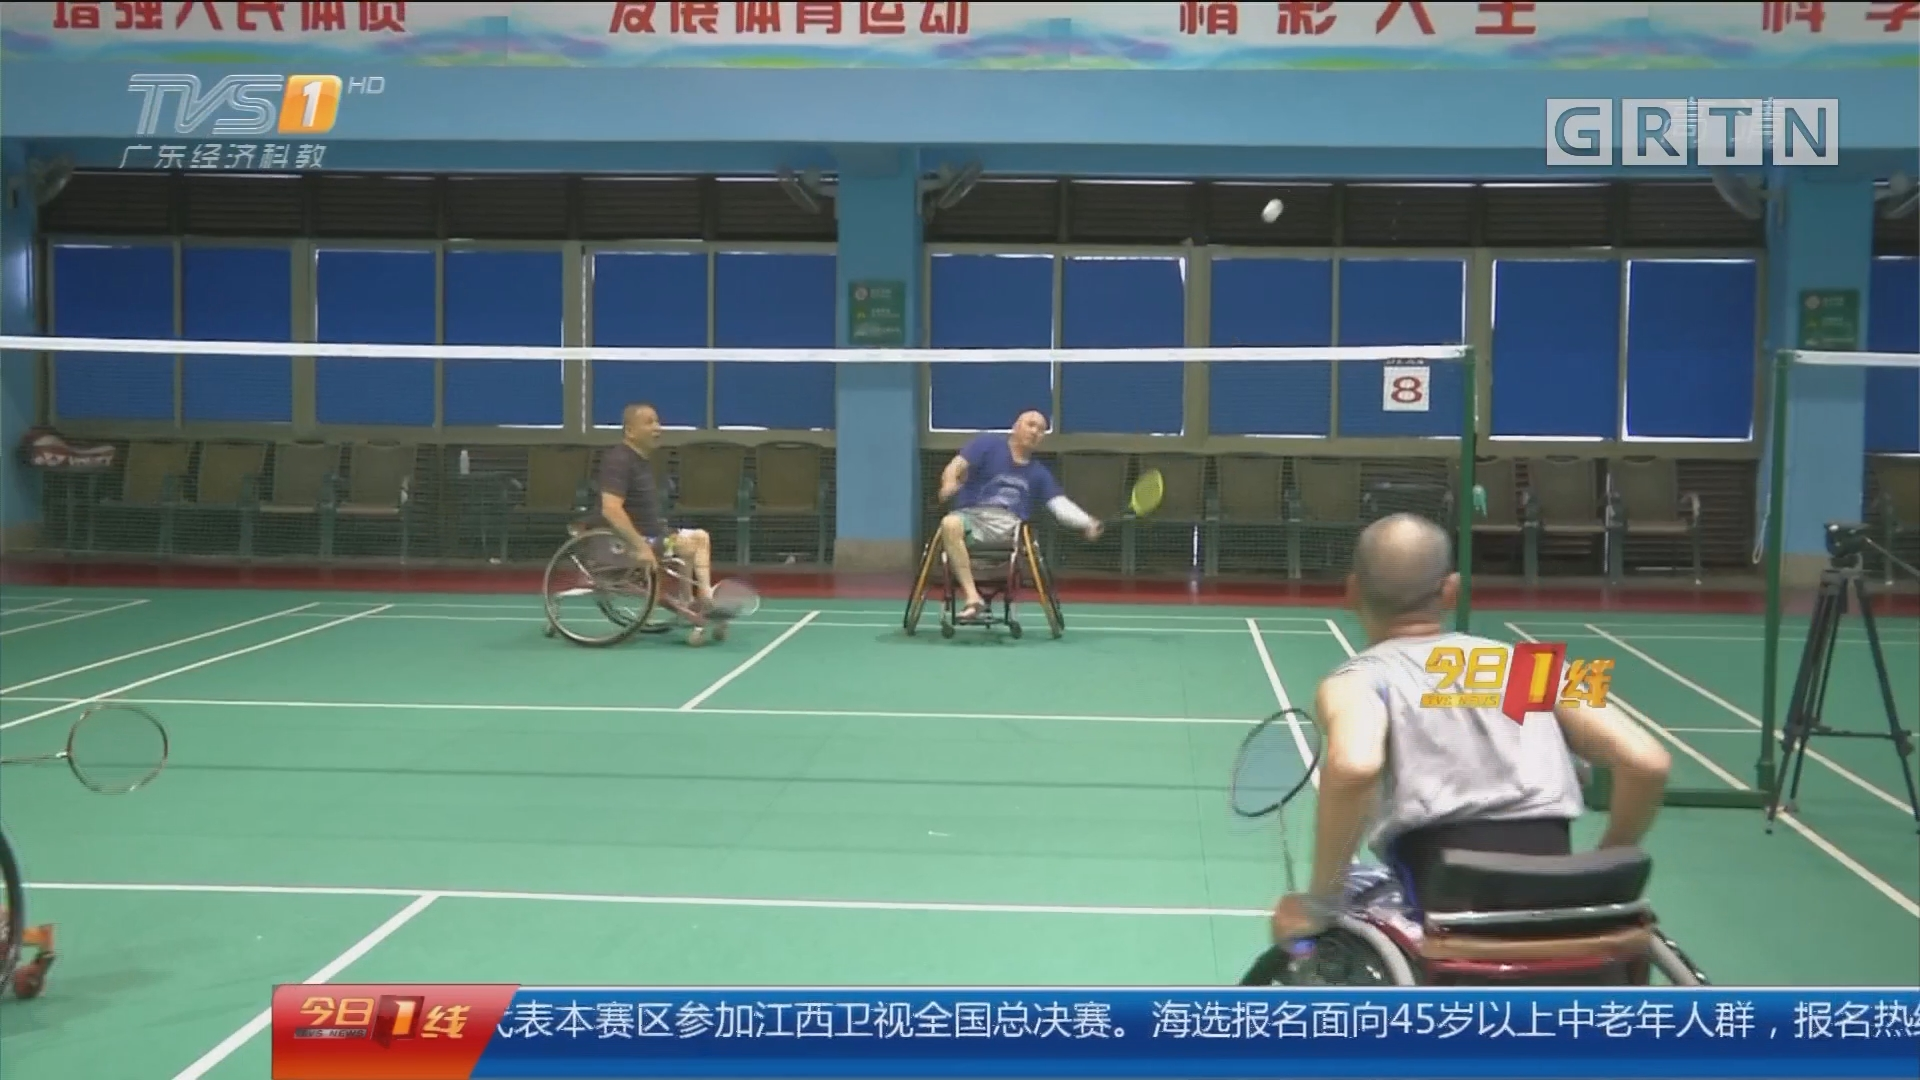 广州荔湾:特别的羽林高手 屡获奖牌